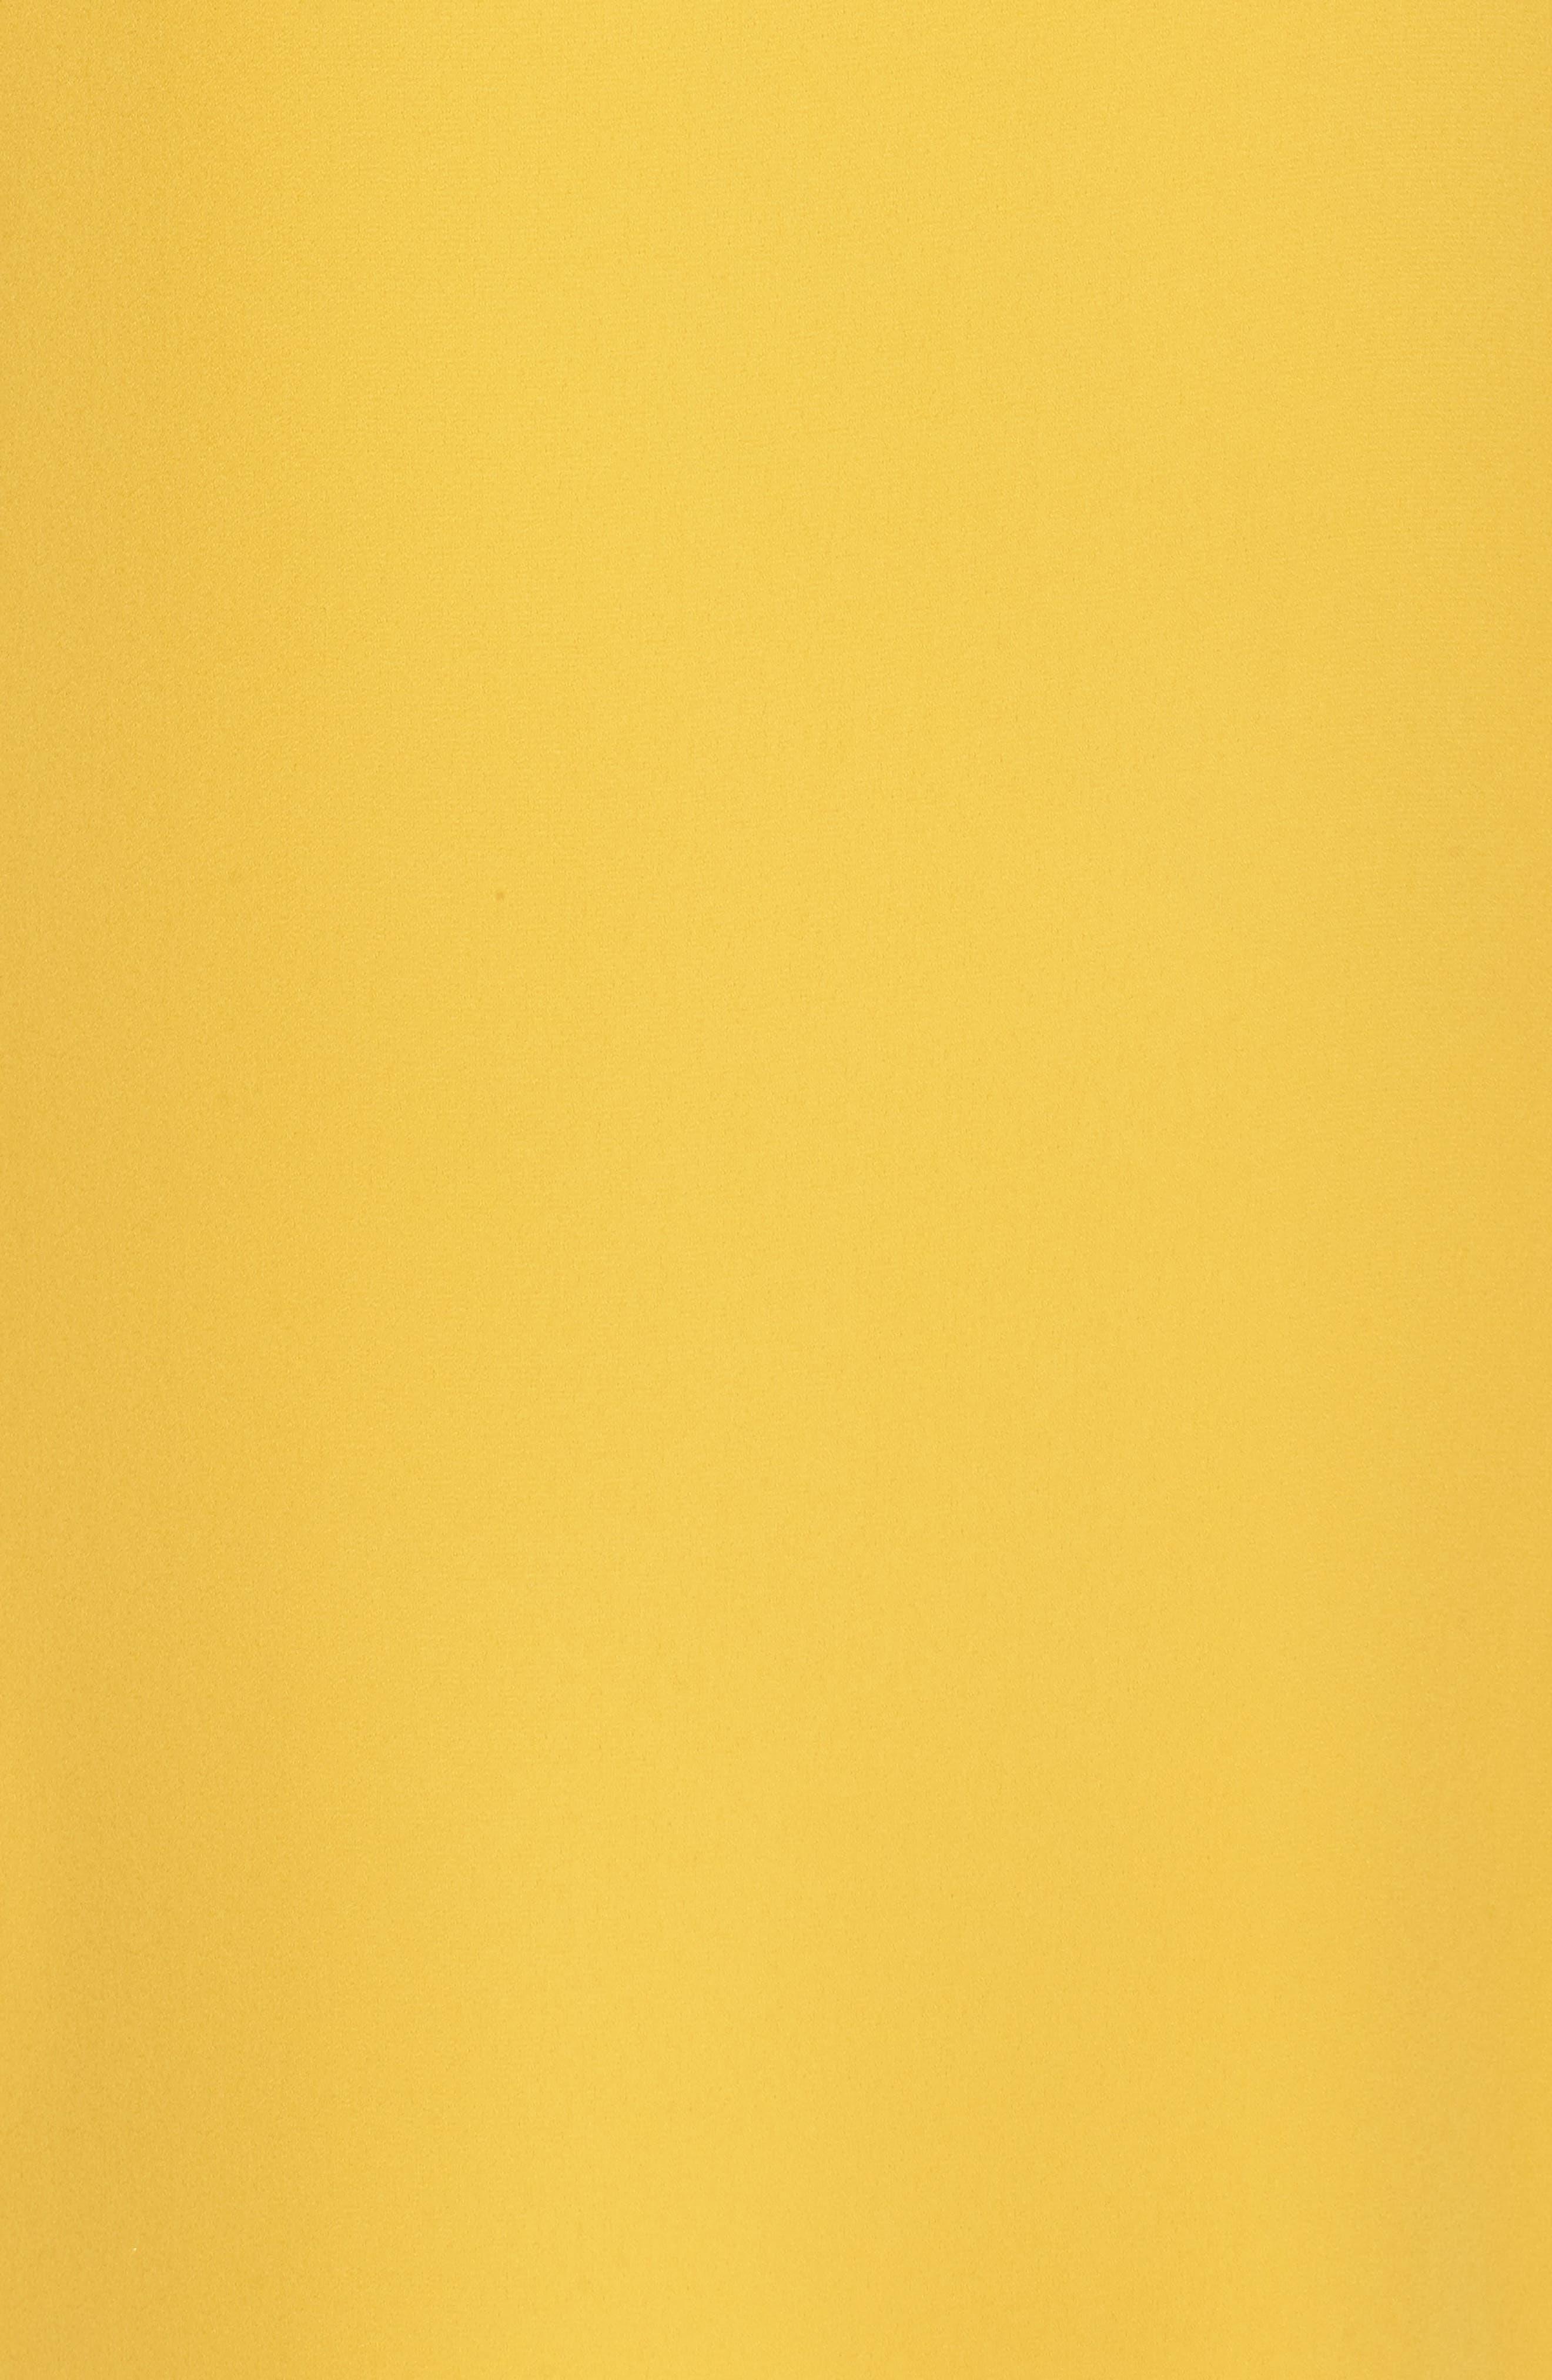 Dobby Midi Dress,                             Alternate thumbnail 5, color,                             Golden